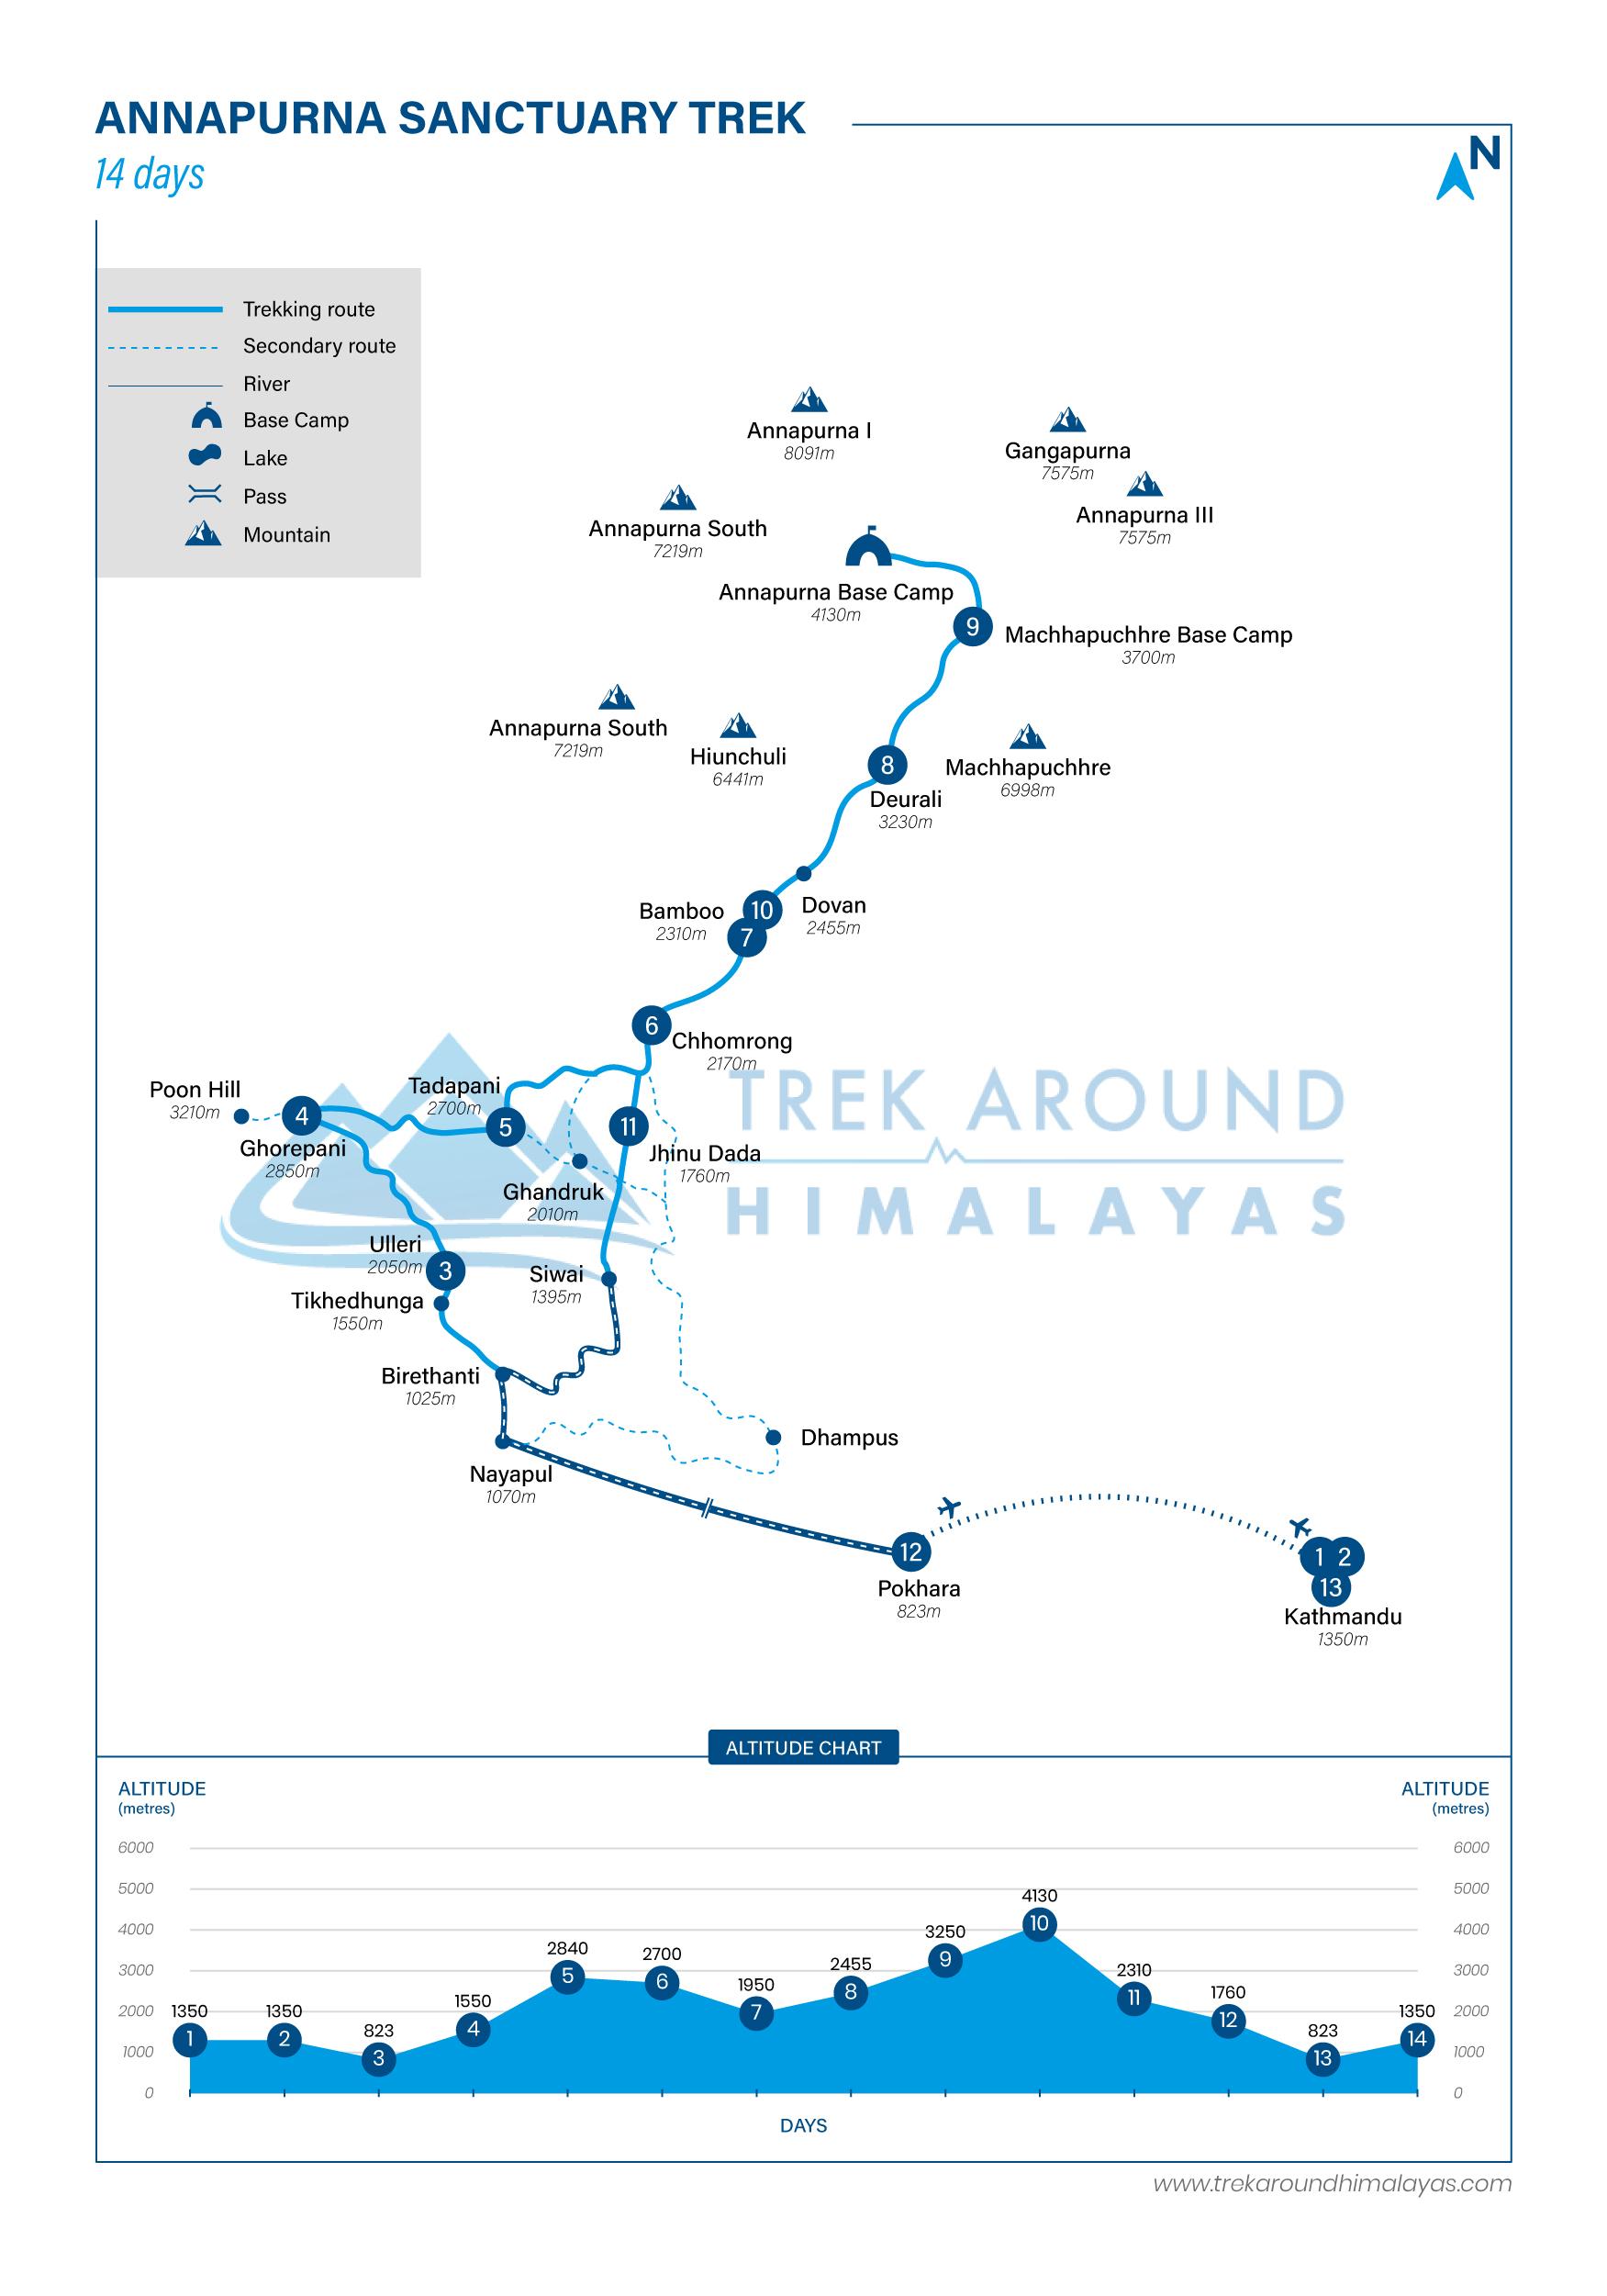 Route Map for Annapurna Sanctuary Trek | Adventure Altitude